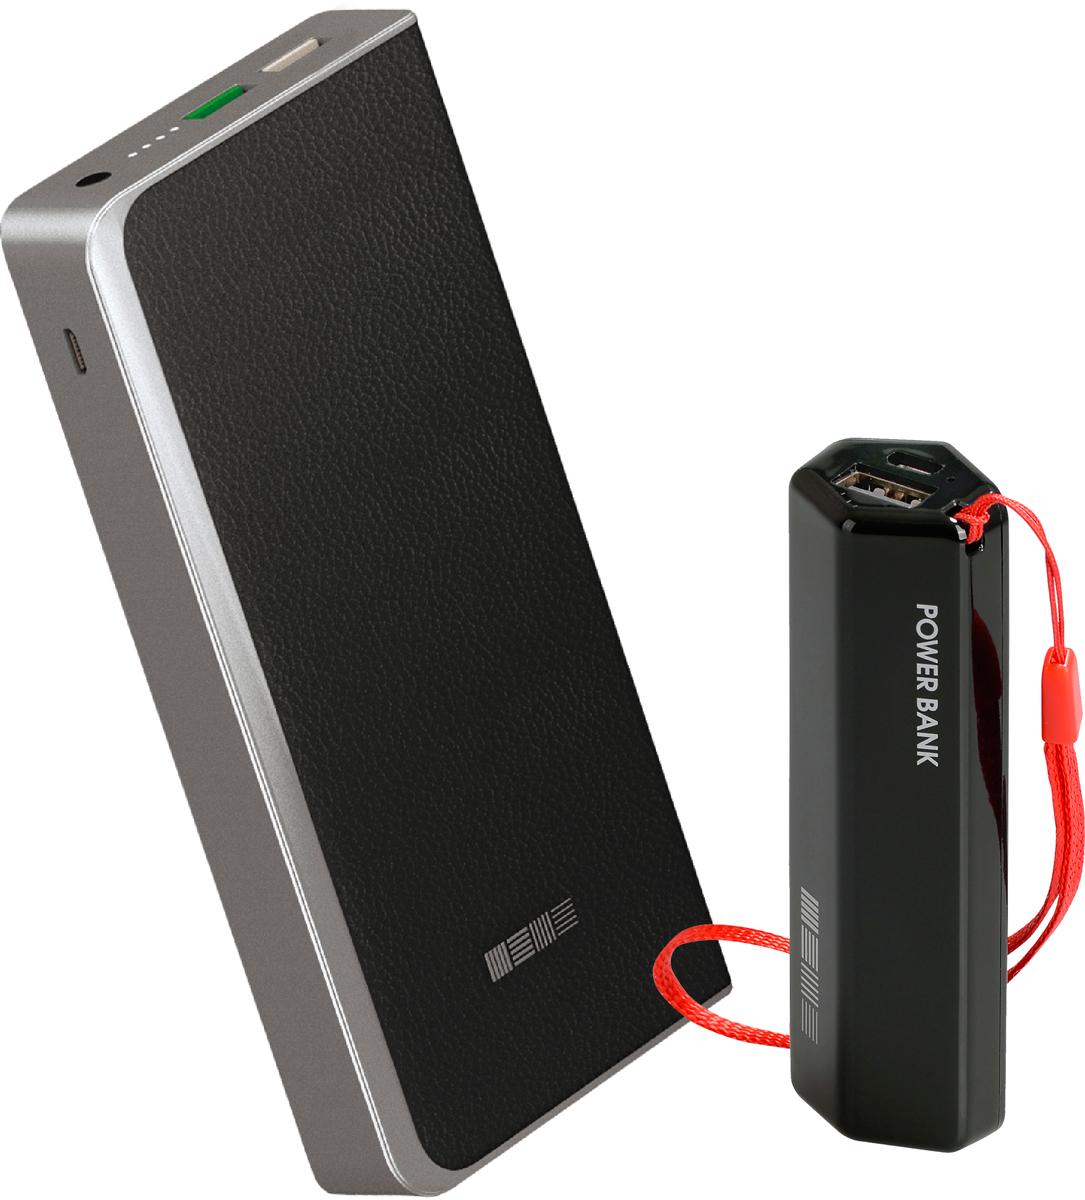 Interstep PB12000QC (12000 мАч), Dark Gray + PB30001 (3000 мАч) комплект внешних аккумуляторов45805POLYMER, с Quick Charge 2.0 выходом и входом (DUAL WAY)до 3-х раз быстрее заряд смартфона с QCдо 3-х раз быстрее заряд самого Power bank (в QC режиме заряд осуществляется при 12В, вместо 5В при использовании QC зарядки)Поверхность PU кожаВес: 250 гр.